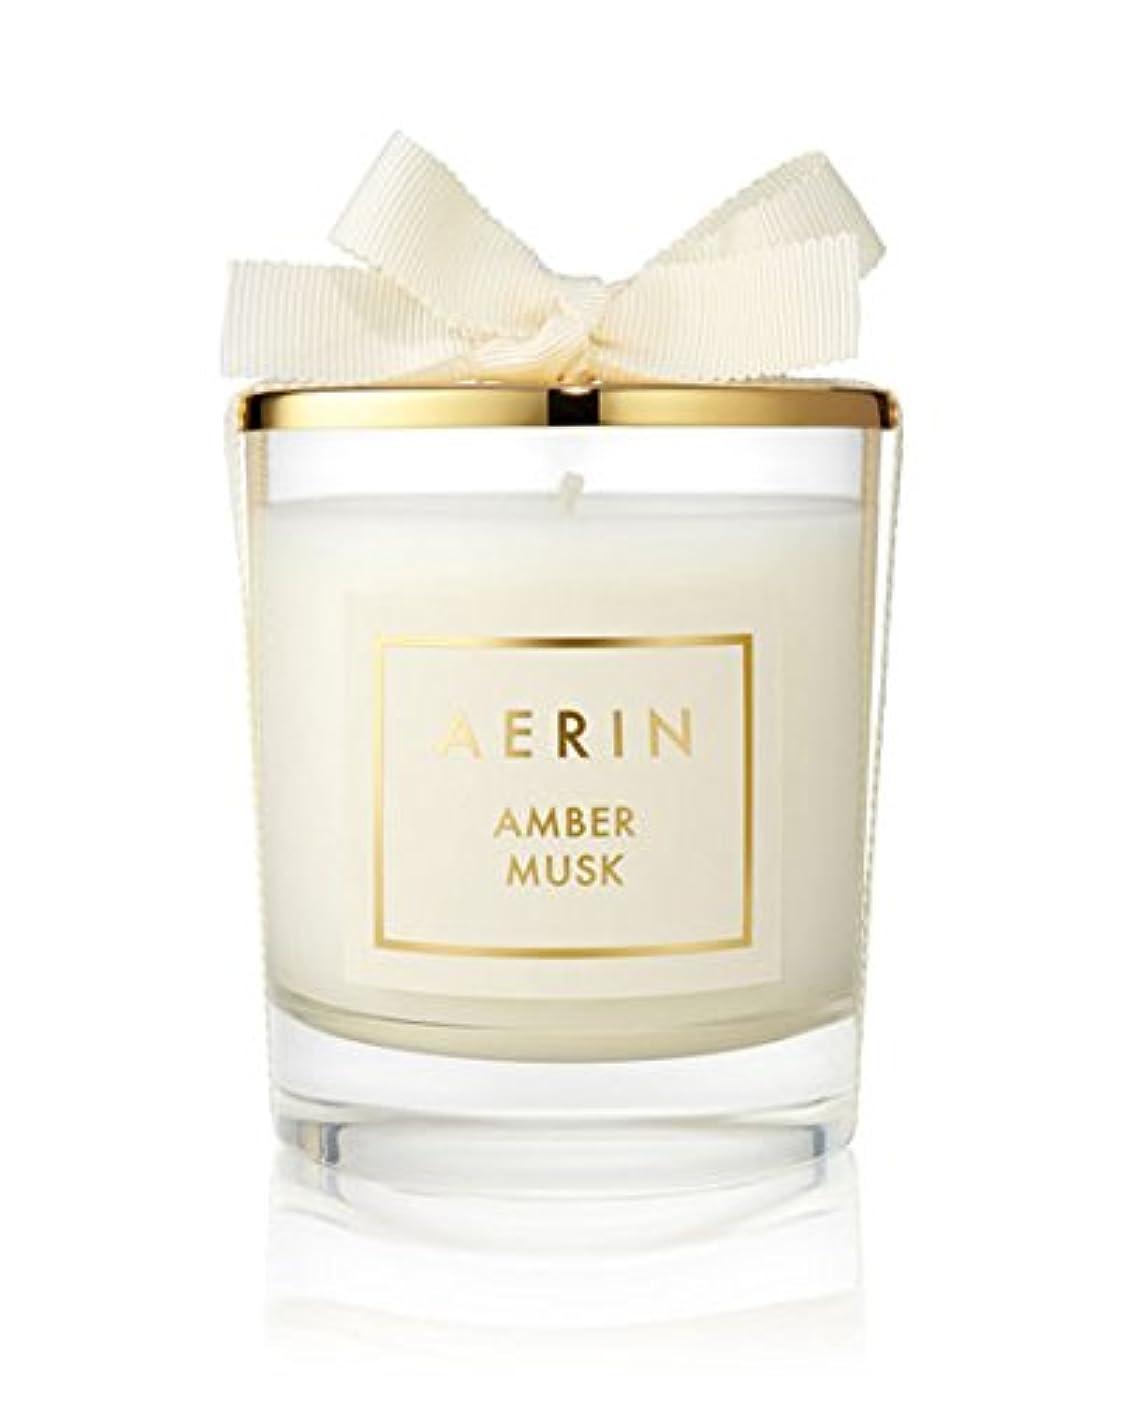 神経障害宿題郡AERIN AmberムスクCandle 7オンス/ 200 g Limited Edition